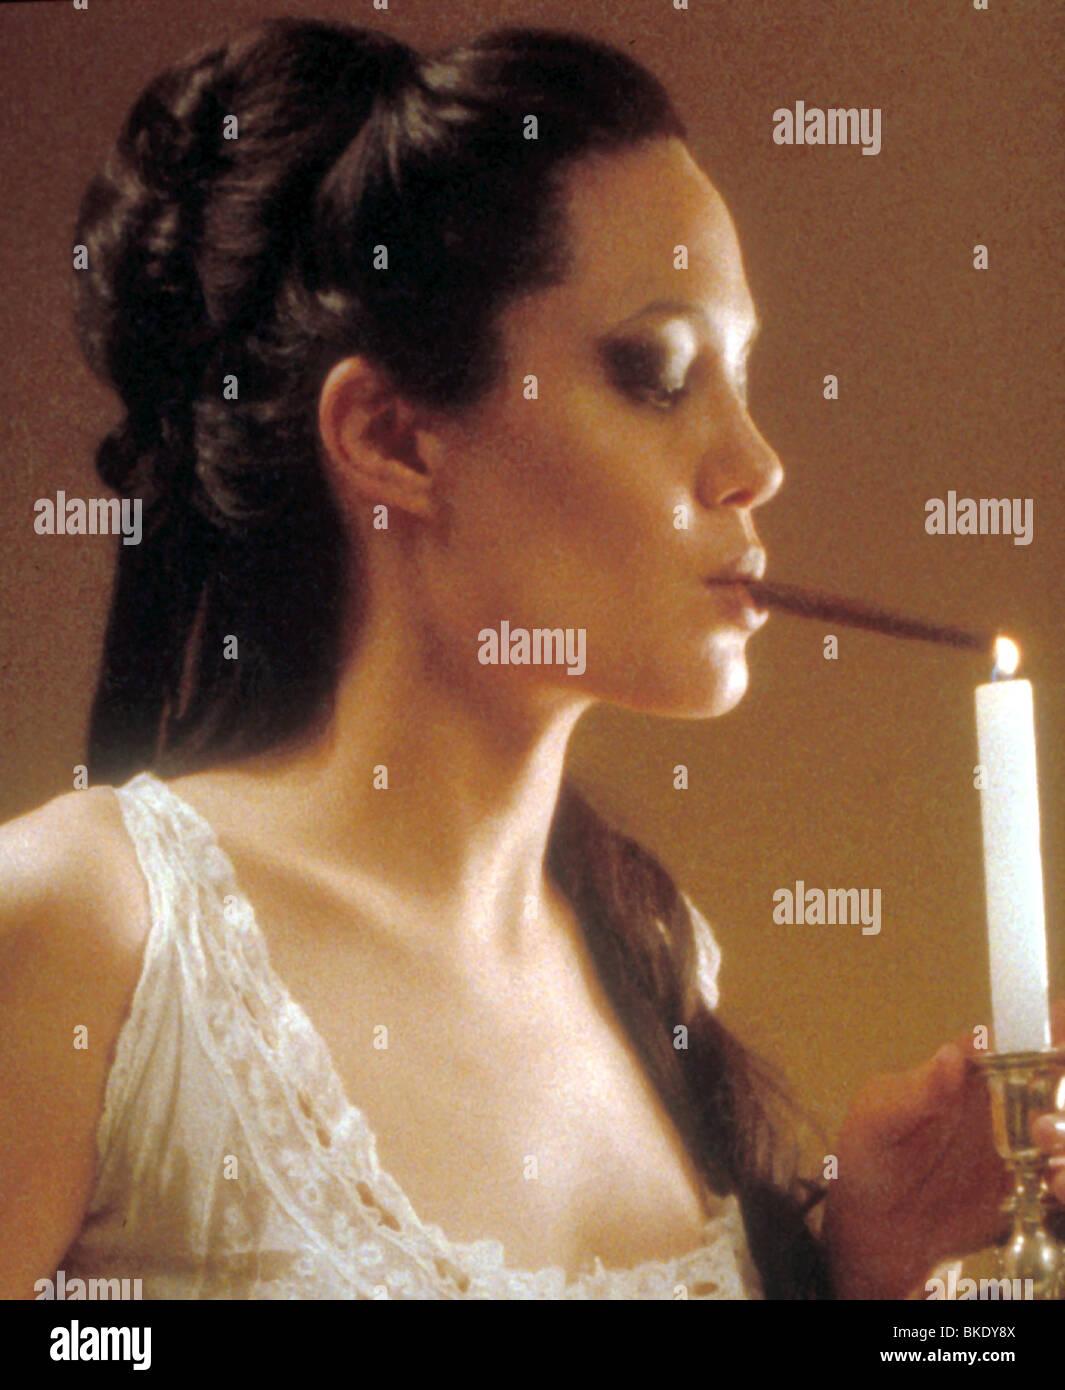 ORIGINAL SIN (2001) ANGELINA JOLIE ORIS 024 Stock Photo